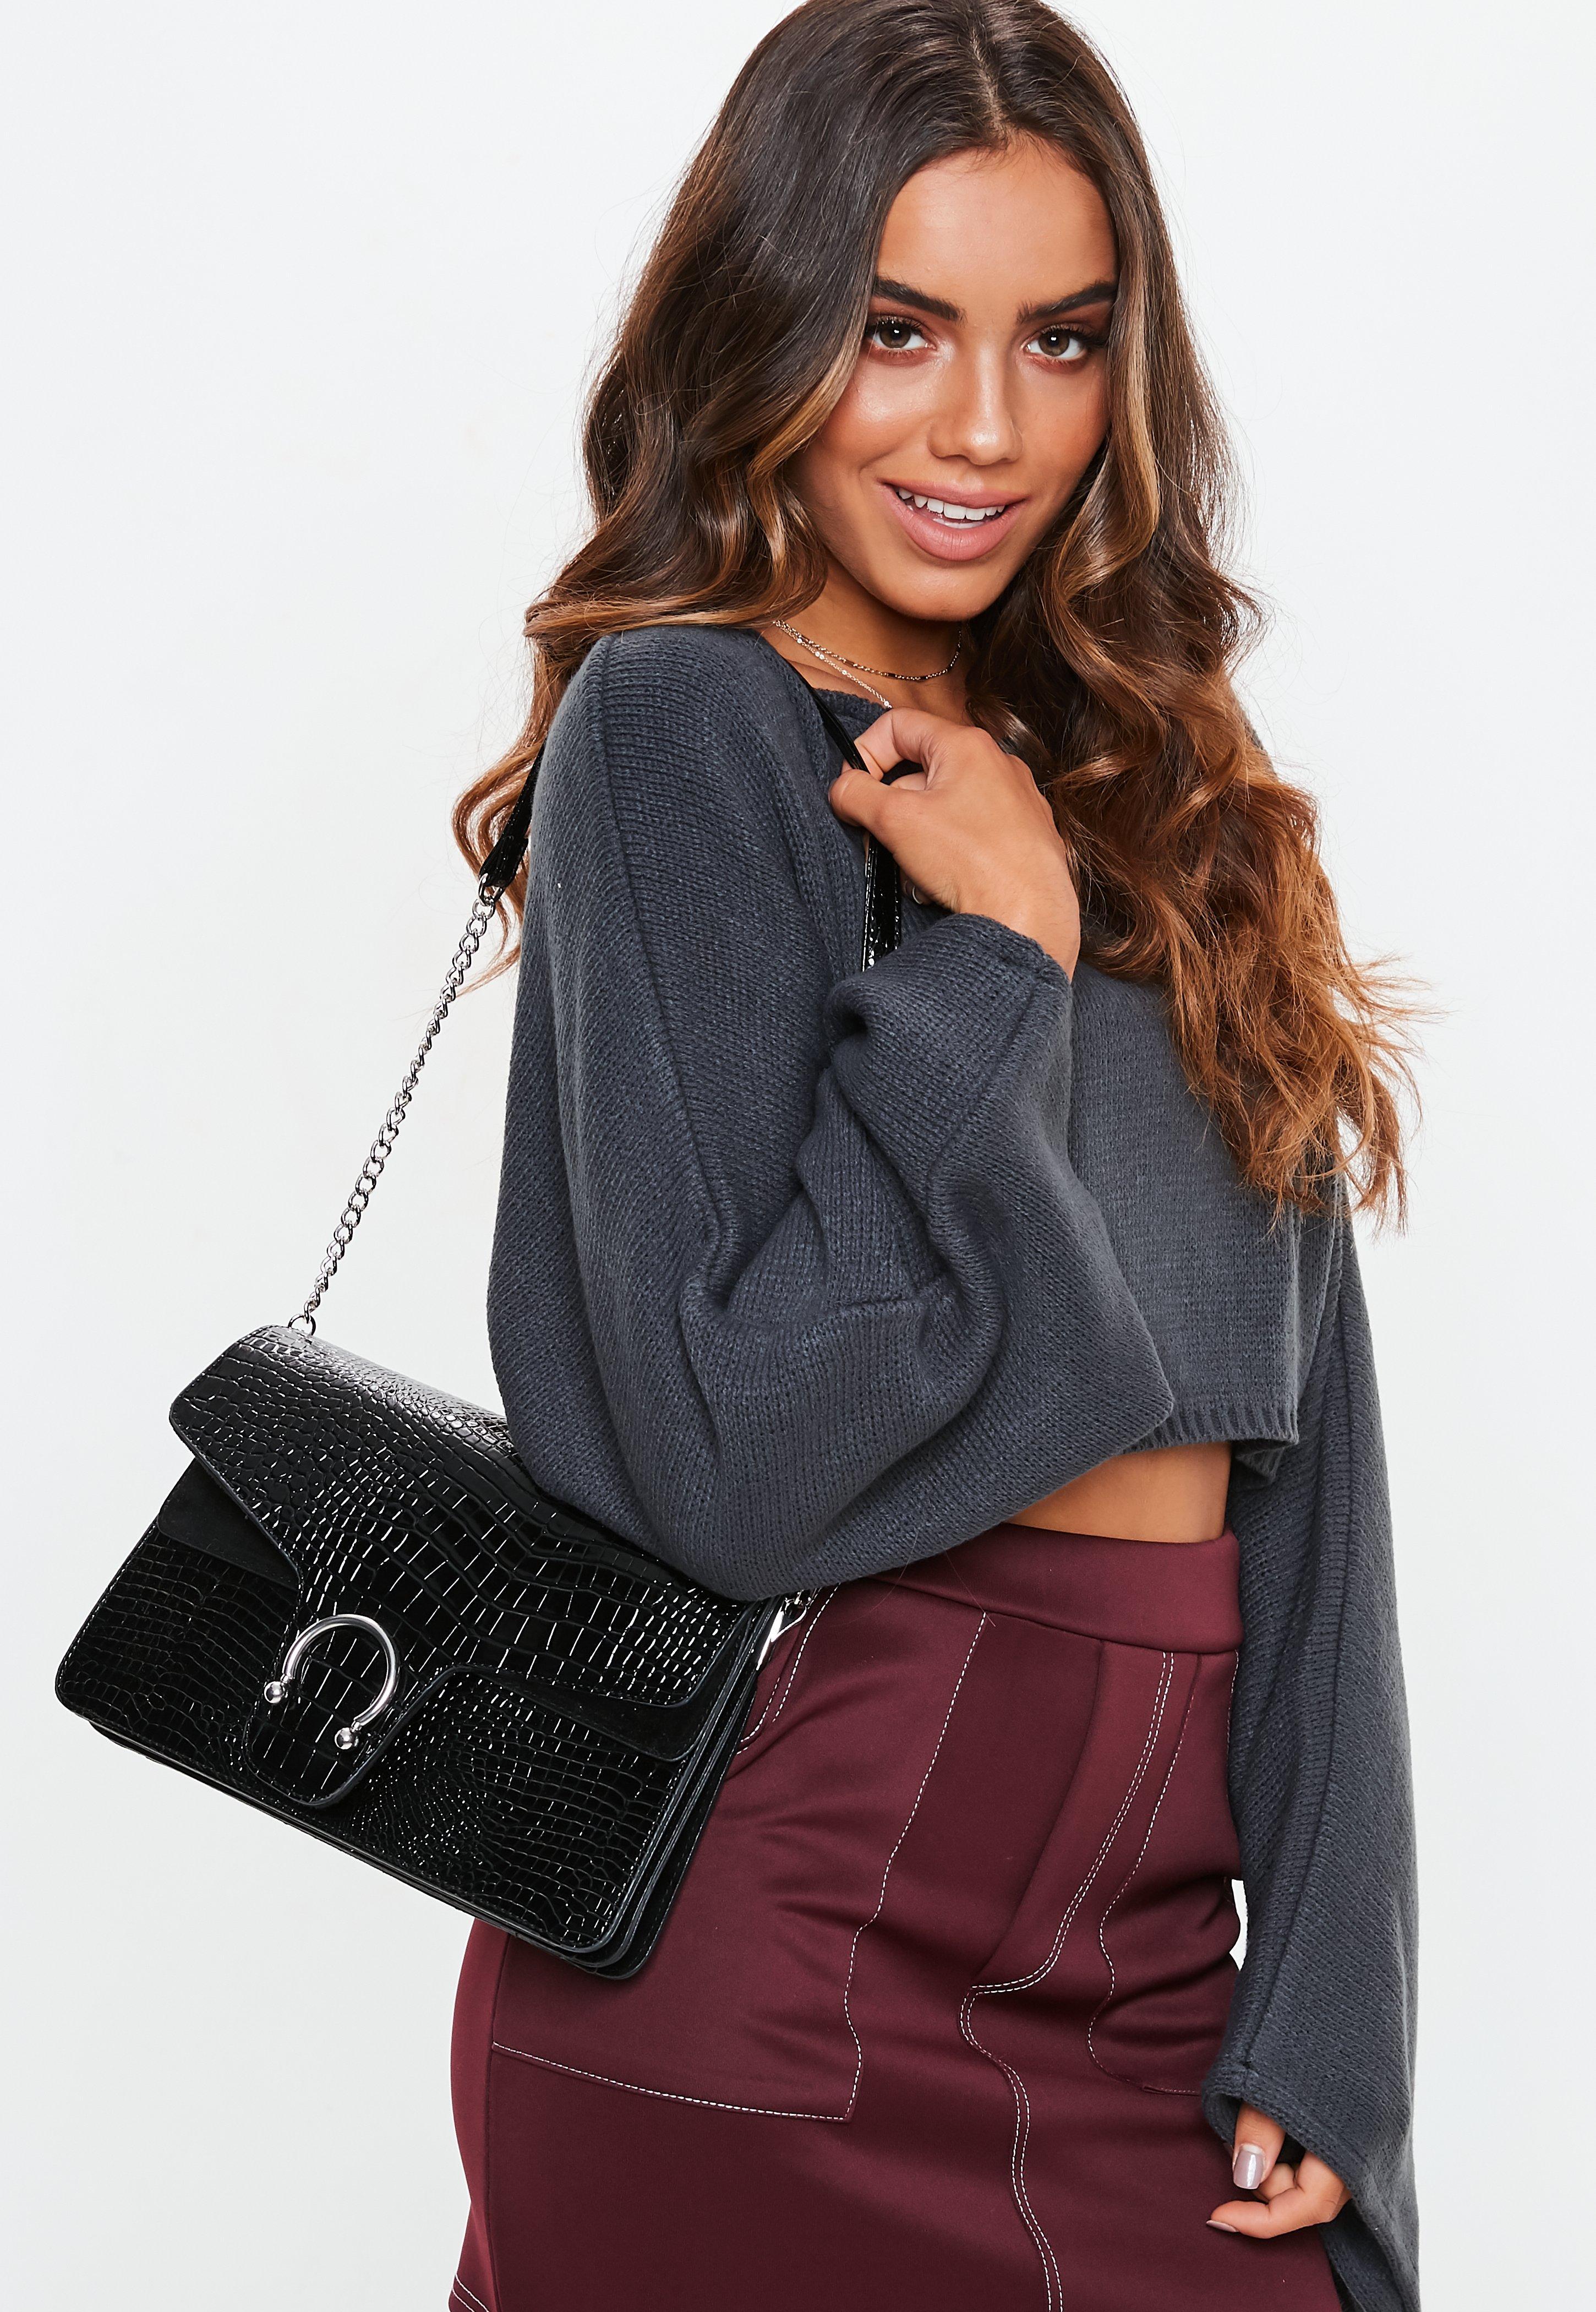 d4d383ca03 Handbags